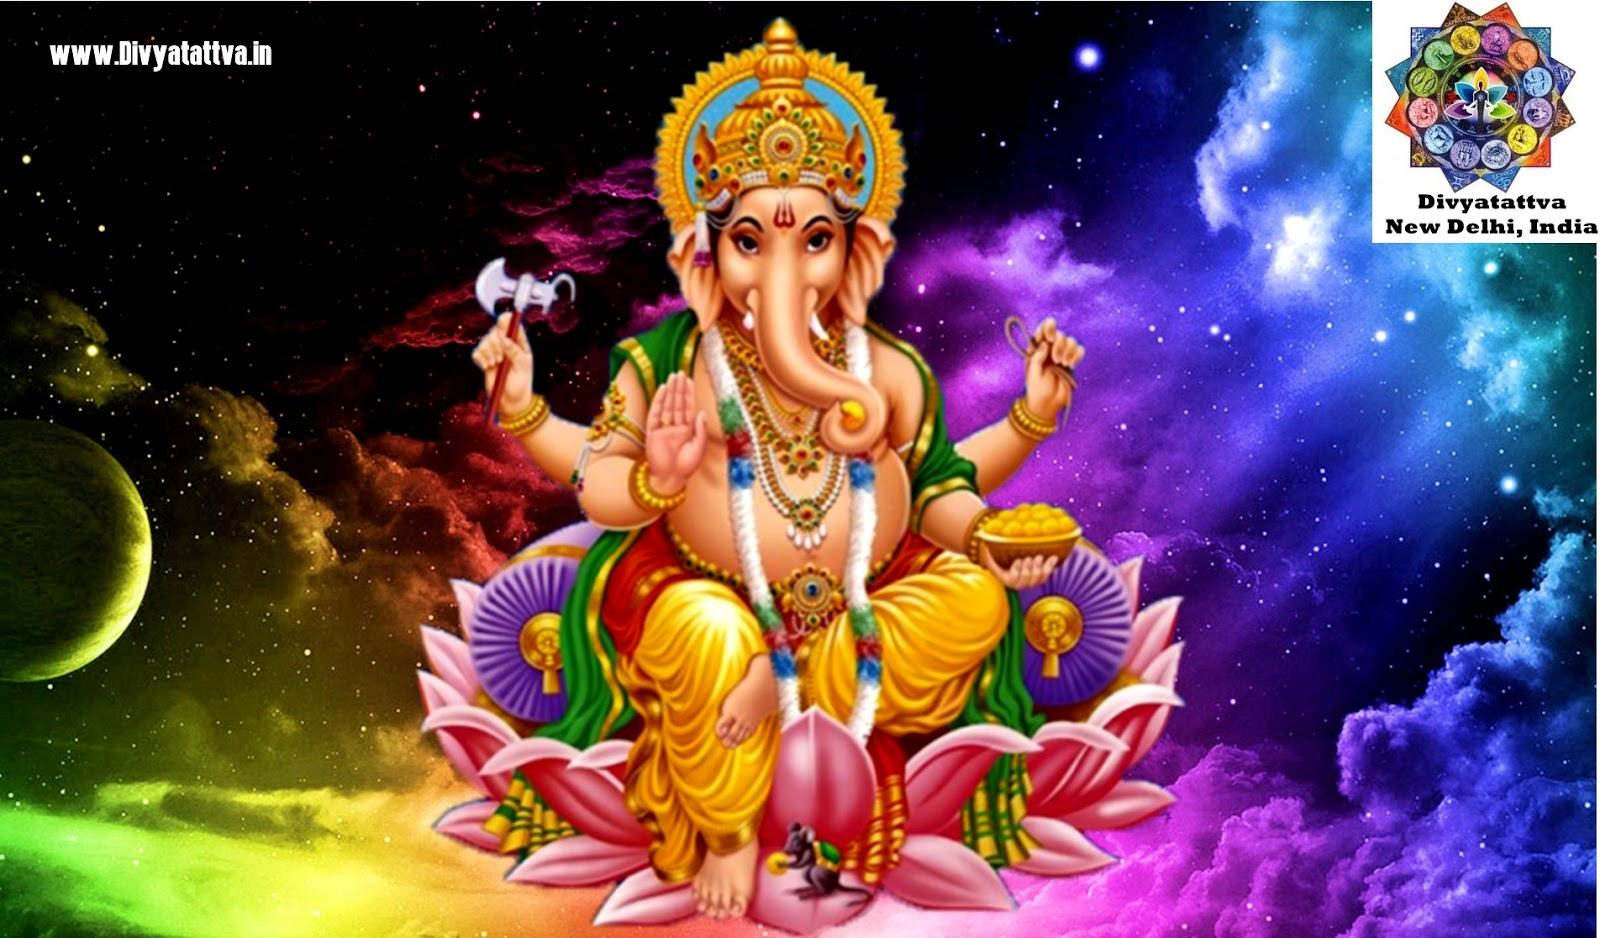 HD 400+ Hindu God Images & Hindu Bhagwan Photos Free ...